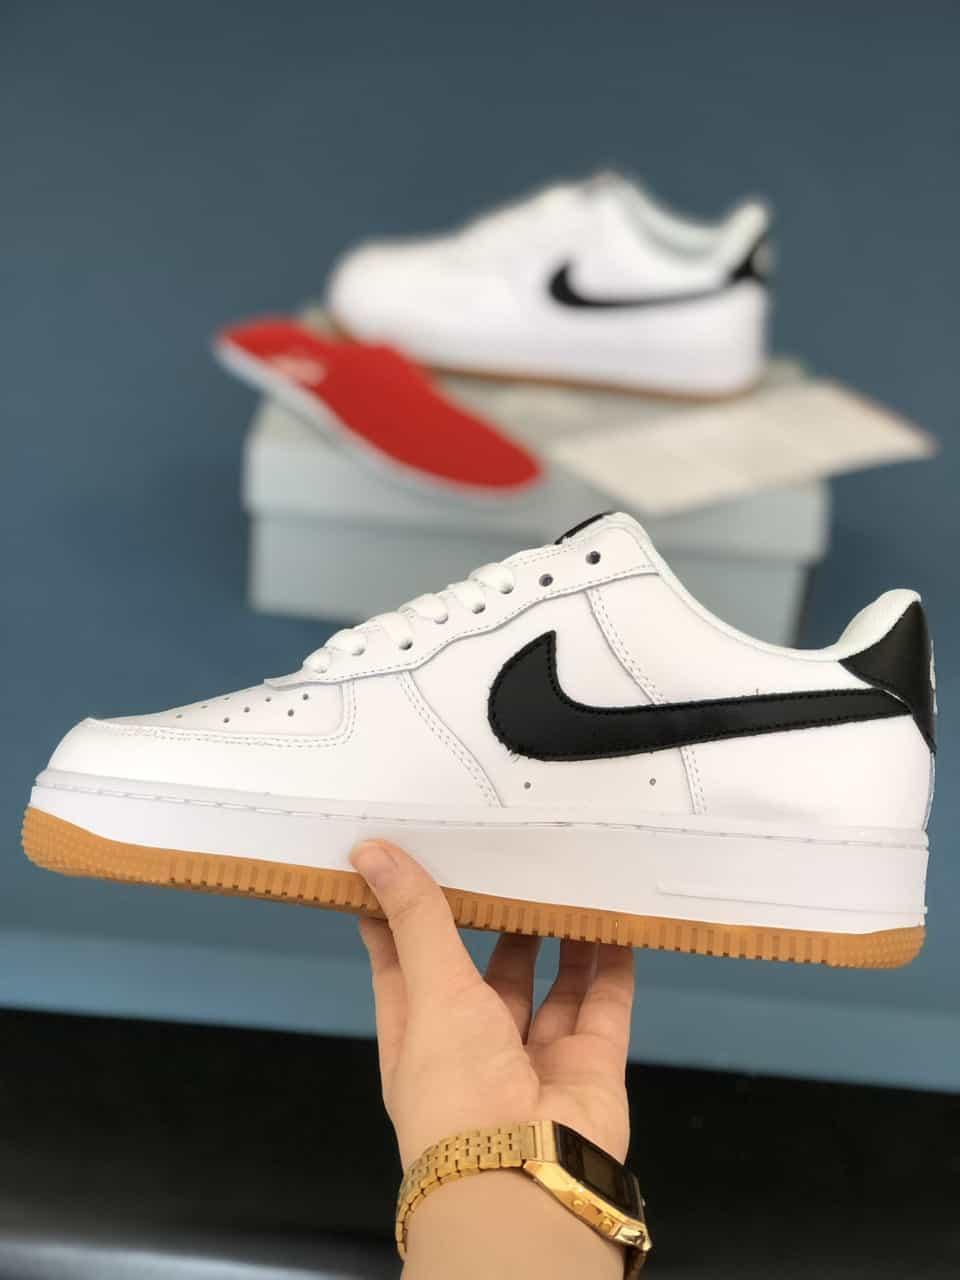 Giày Nike Air Force đế Nâu rep 1:1 có sự phối màu đồng điệu và hài hòa